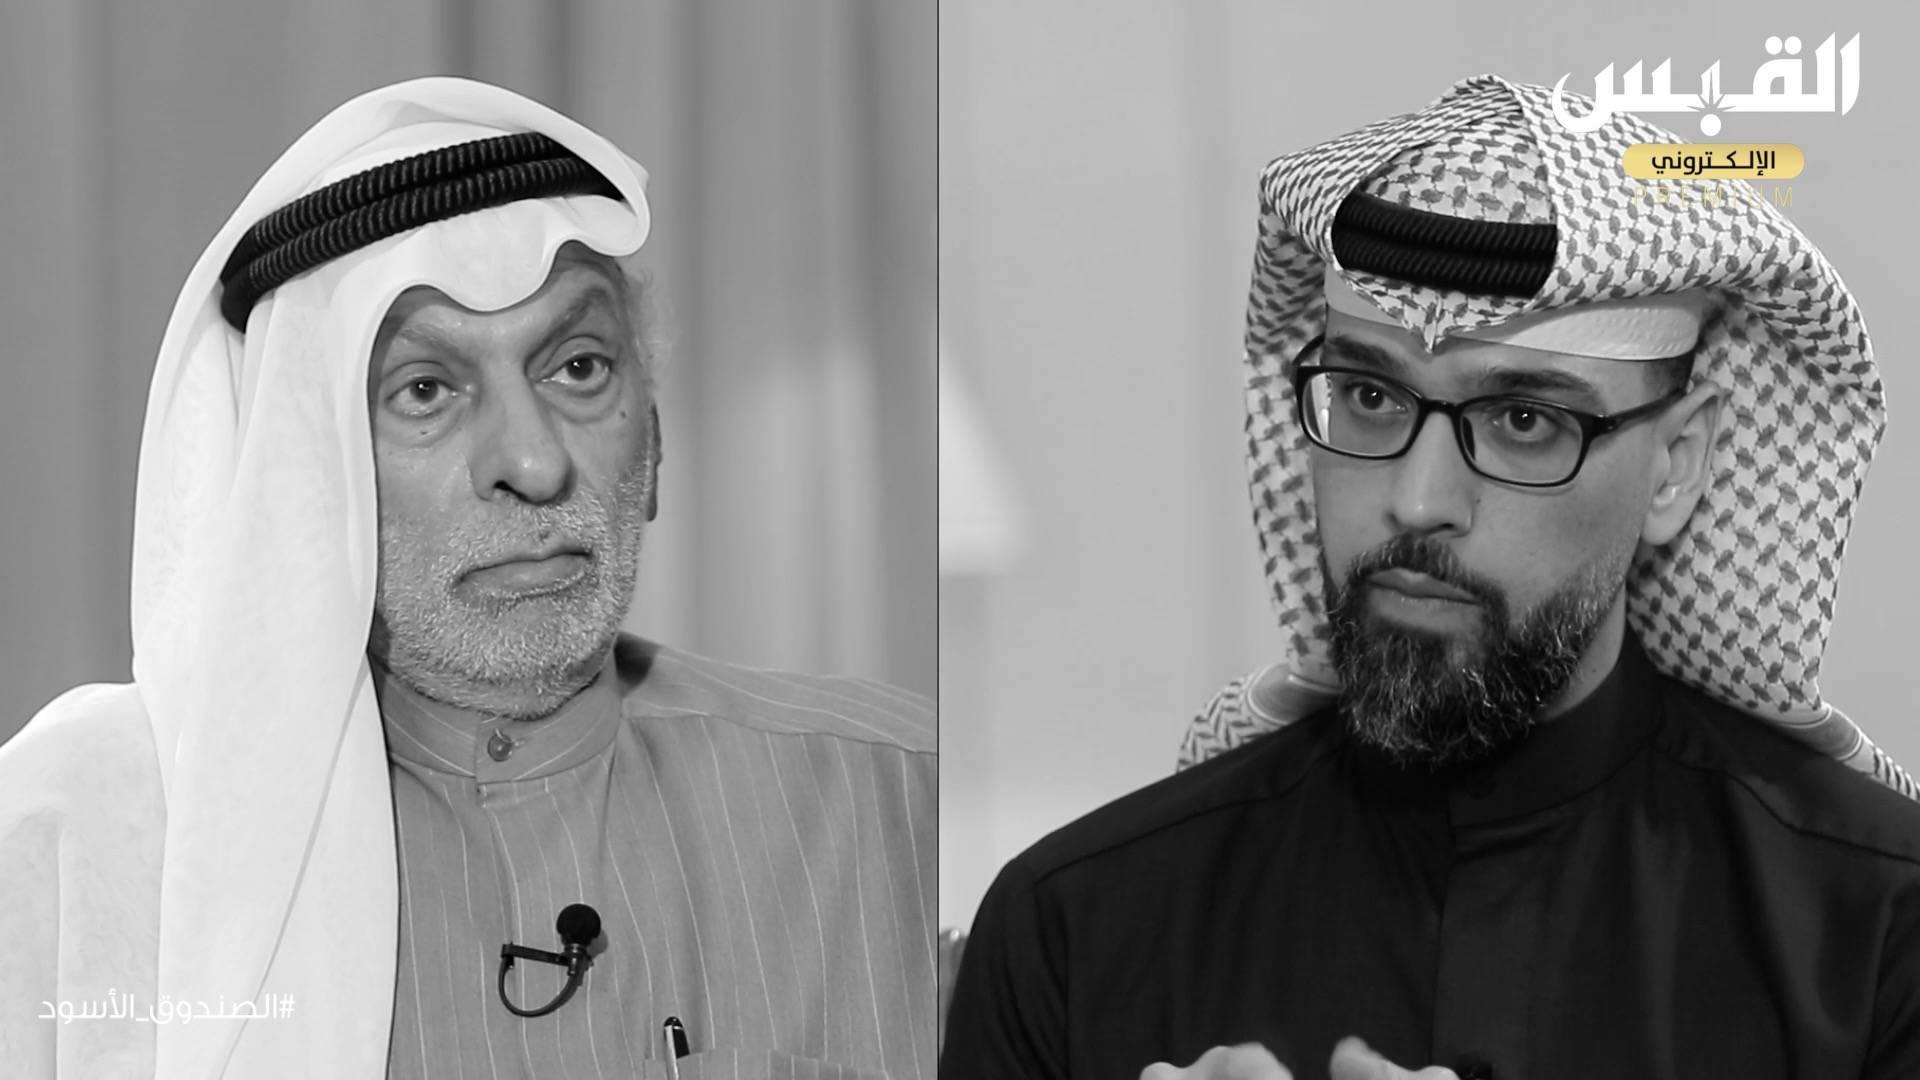 حصرياً.. الجزء 25 و 26 من سلسلة حلقات د. عبدالله النفيسي